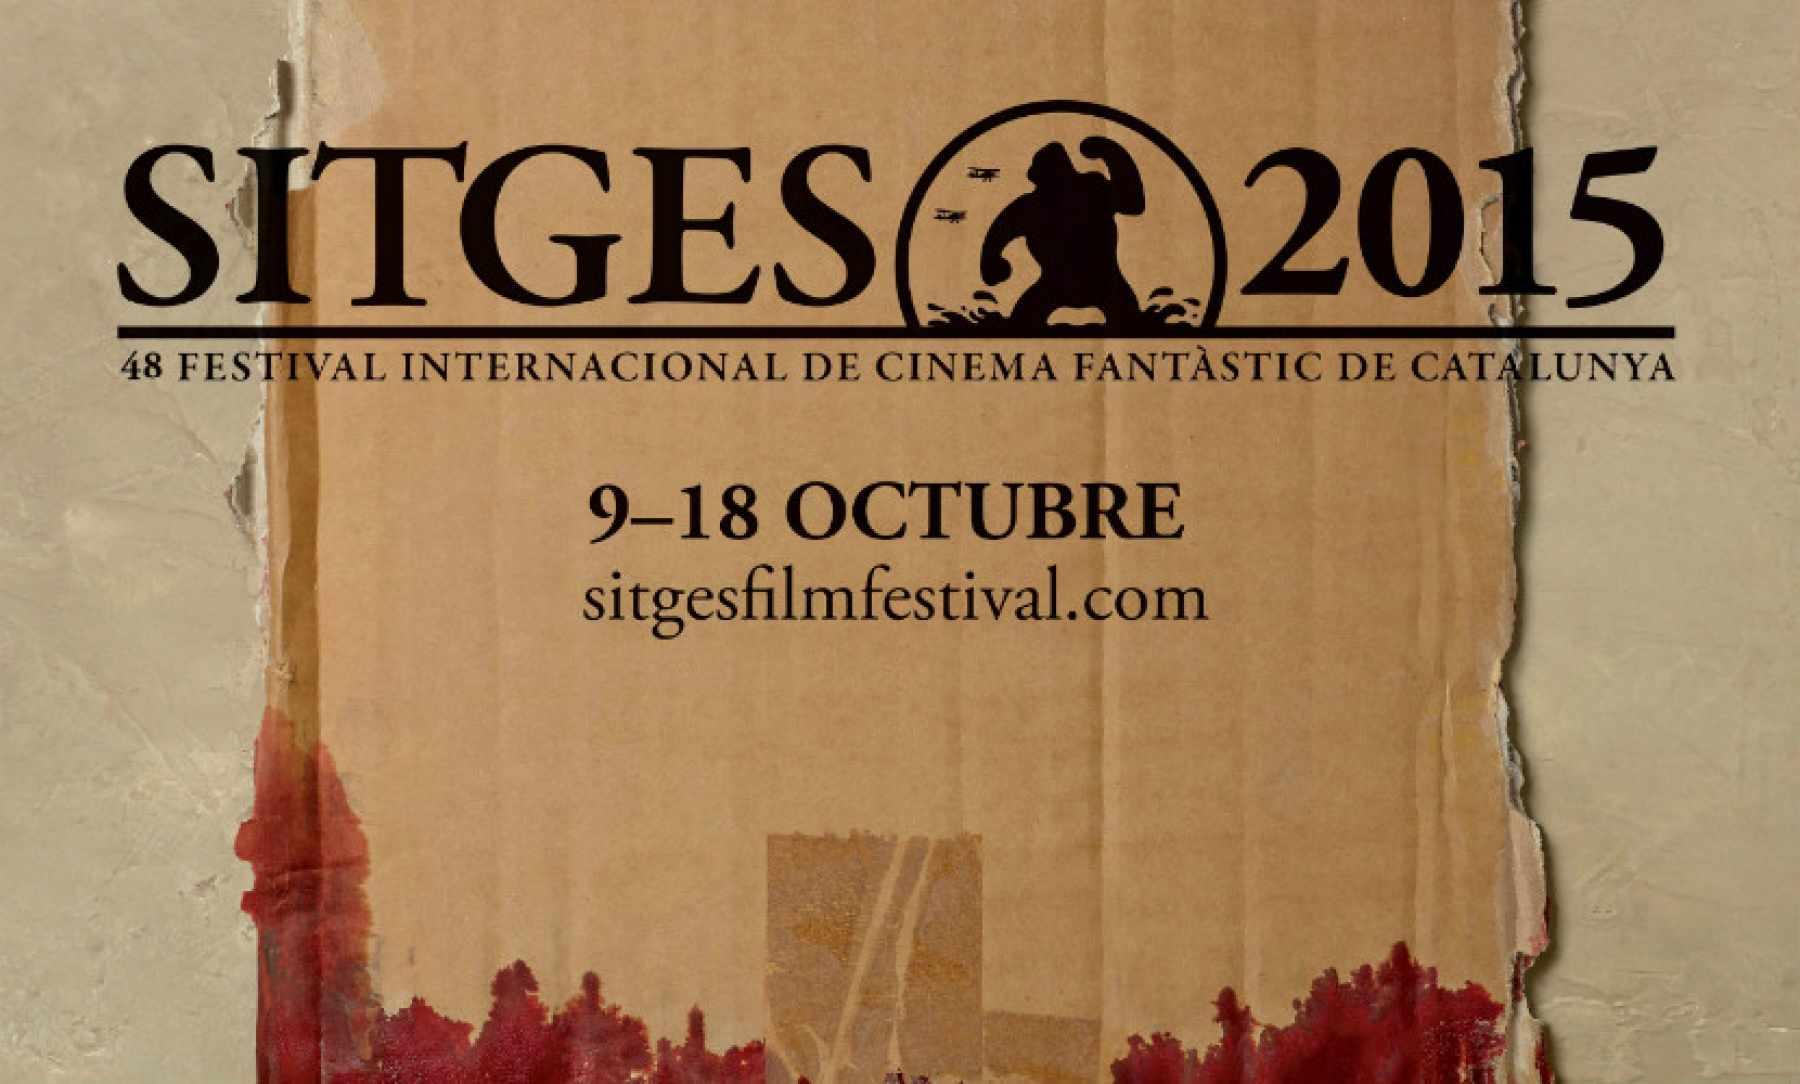 Festival Internacional de Cinema Fantàstic de Catalunya 2015